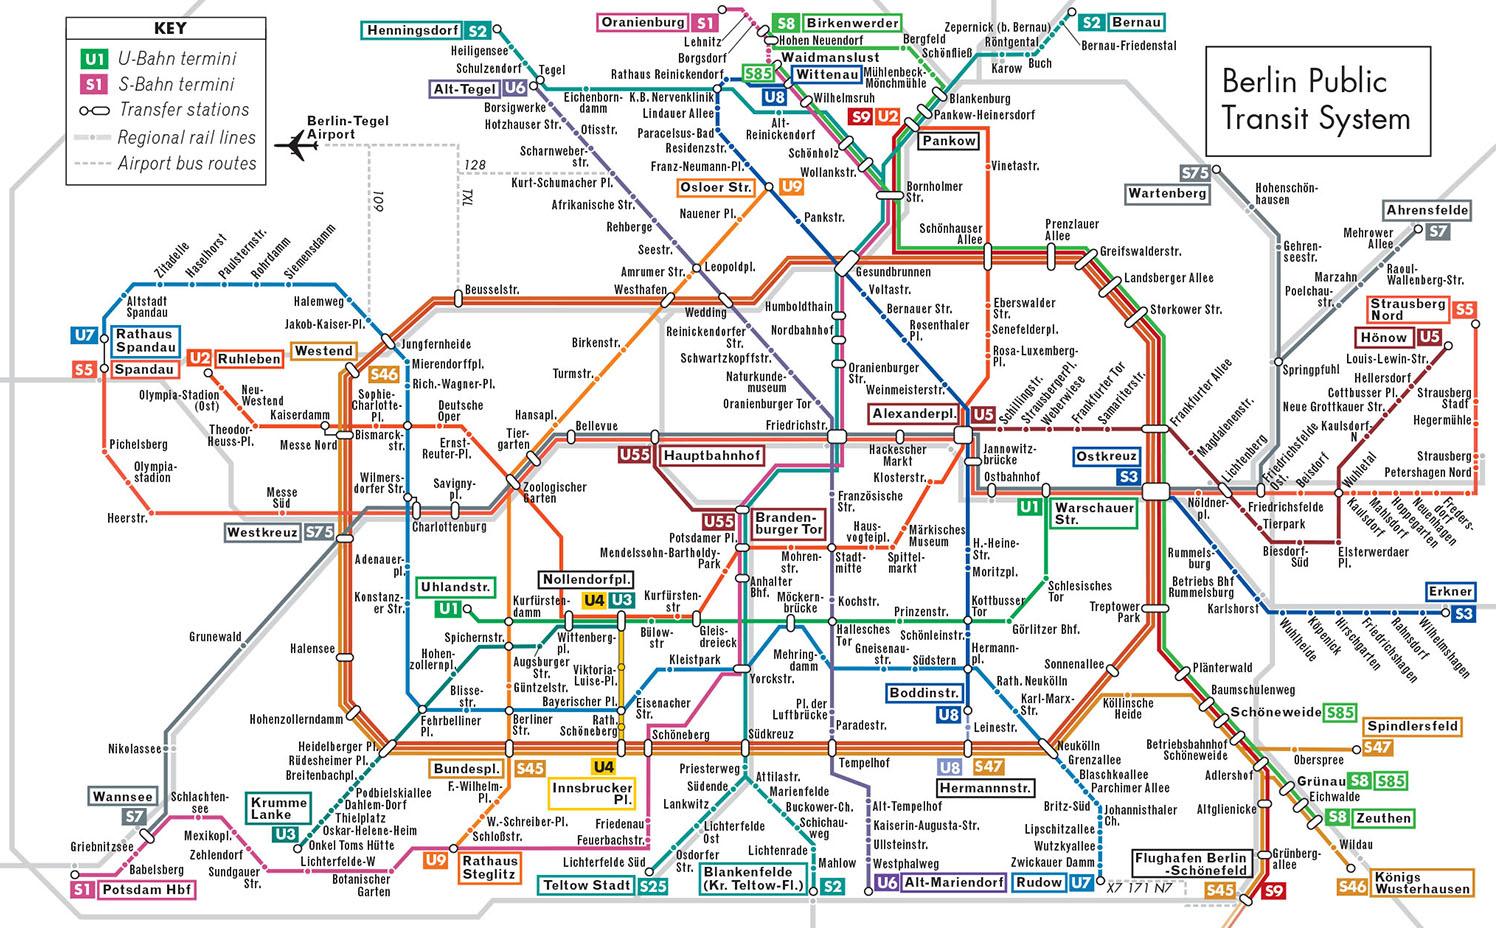 fodors-berlin-transit.jpg